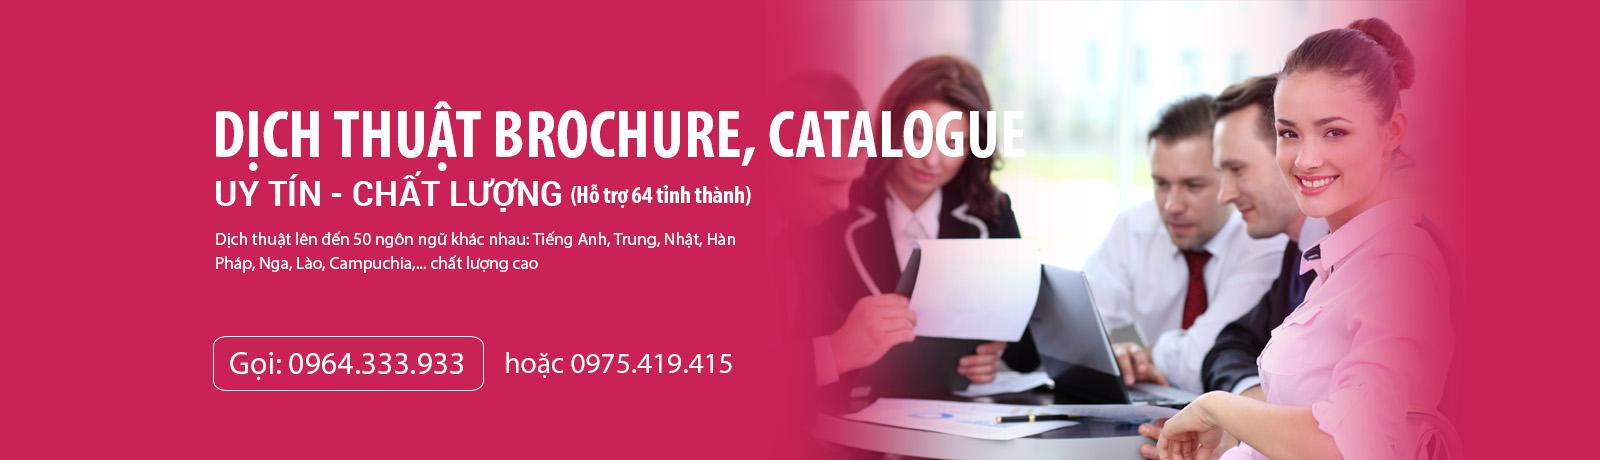 dịch thuật brochure, catalogue tiếng Anh - Trung - Nhật - Hàn